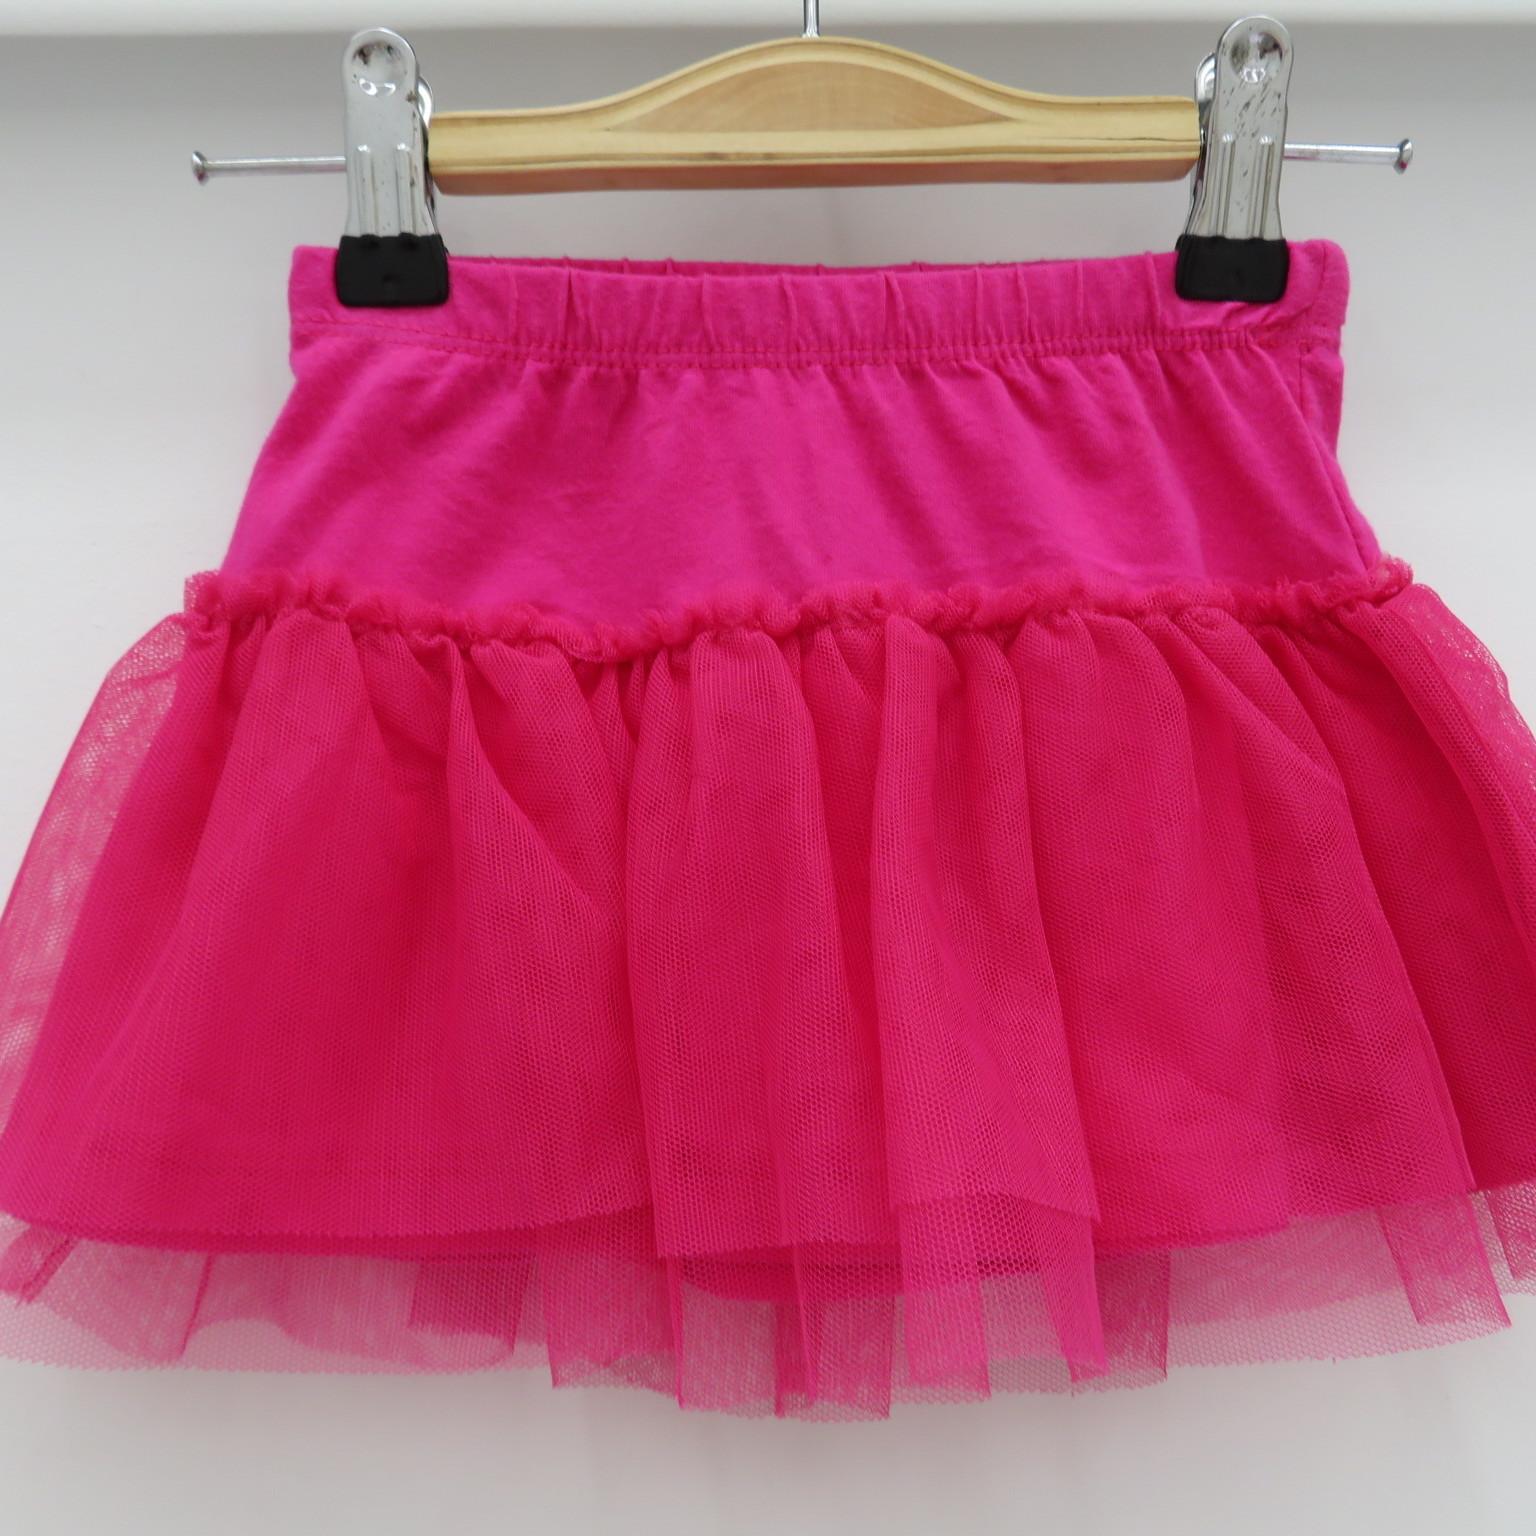 外贸原单**纯色裙子**高腰公主裙